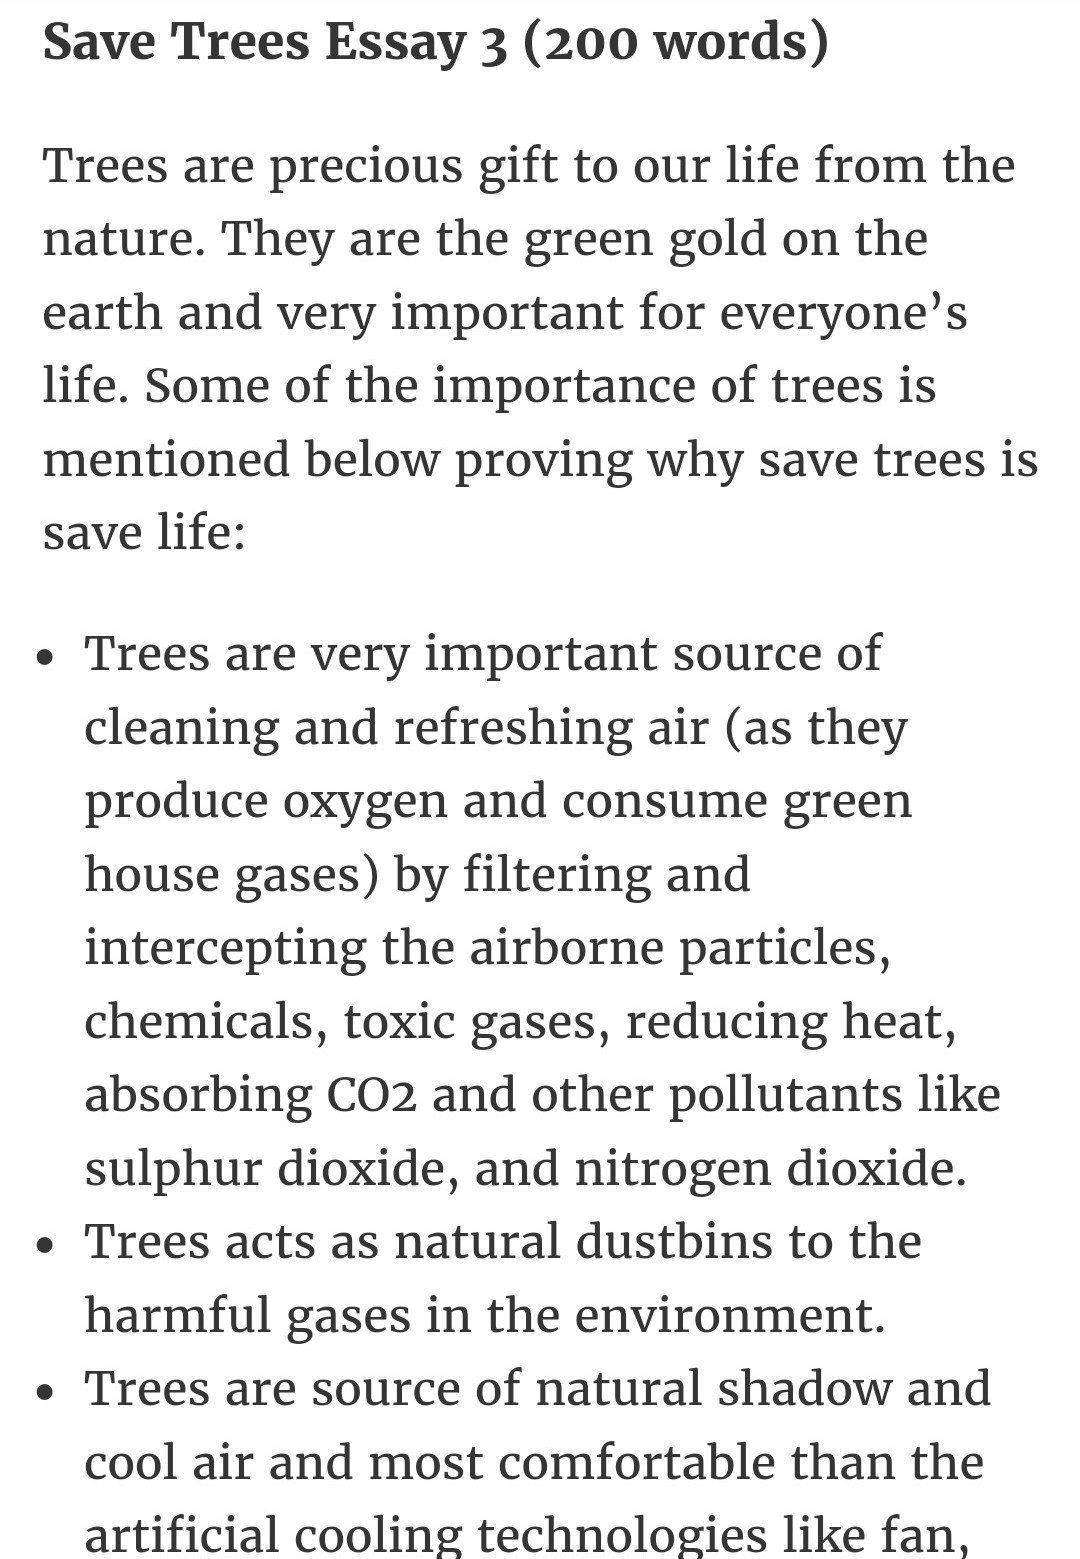 009 Description Of Trees For Essays Essay Striking Full